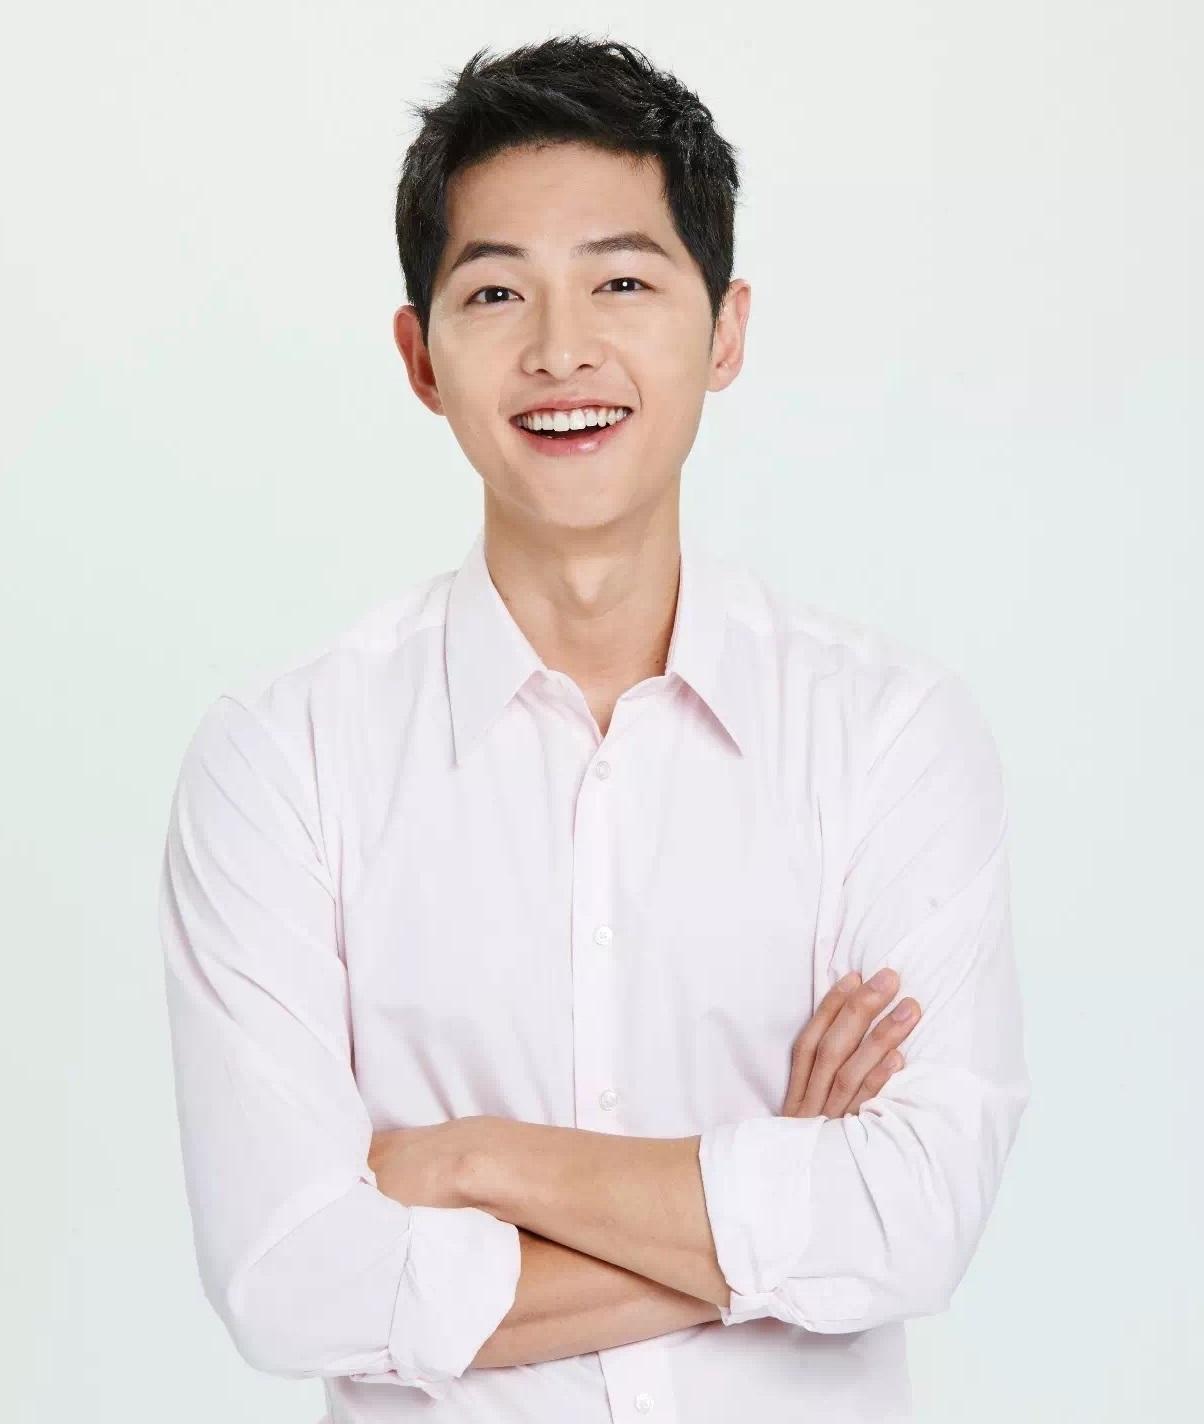 Song Joong-ki / 송중기 - Aktor Korea Selatan